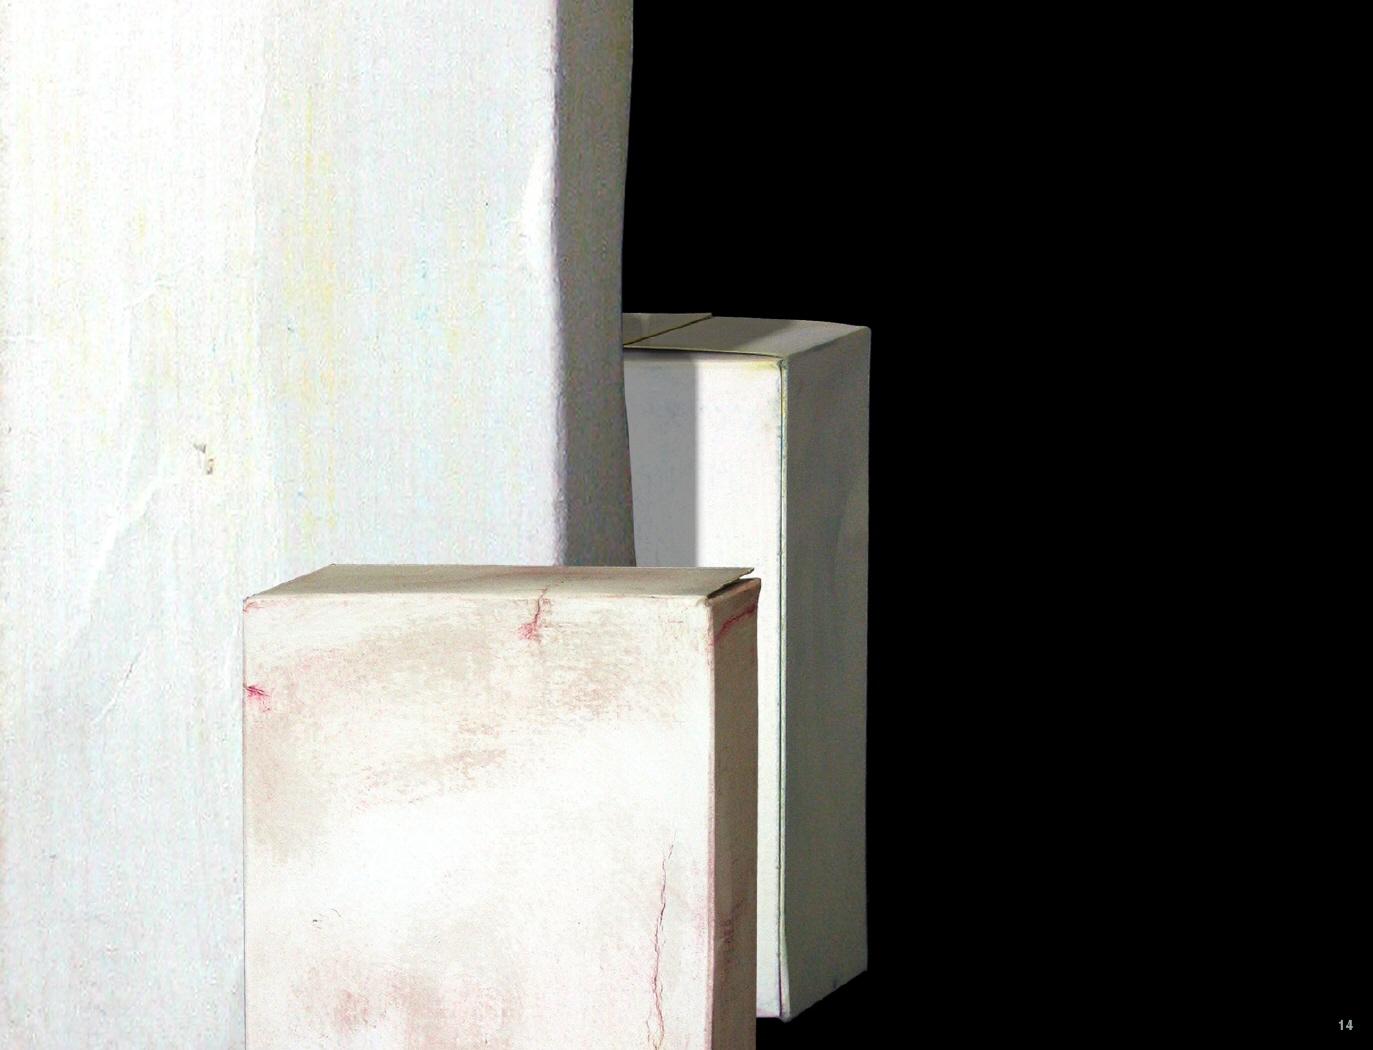 Imagen de la pieza 14